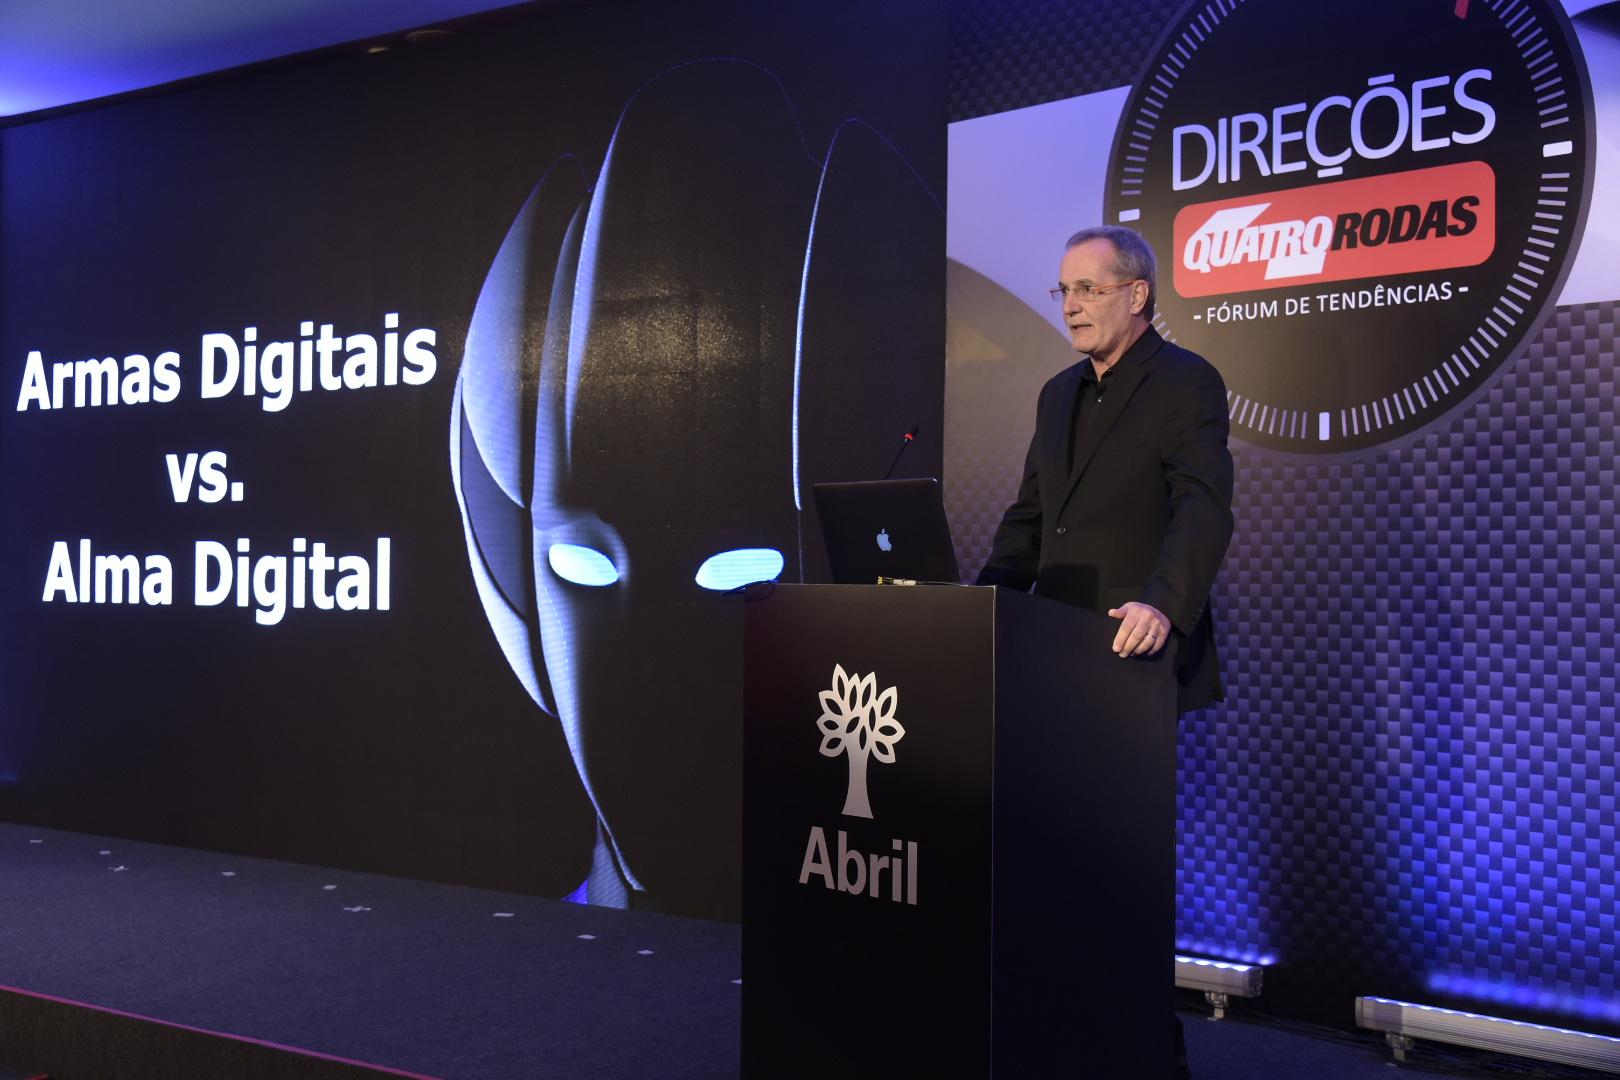 Em sua palestra, Longo afirma que não basta utilizarmos as armas digitais, as empresas precisam ter alma digital